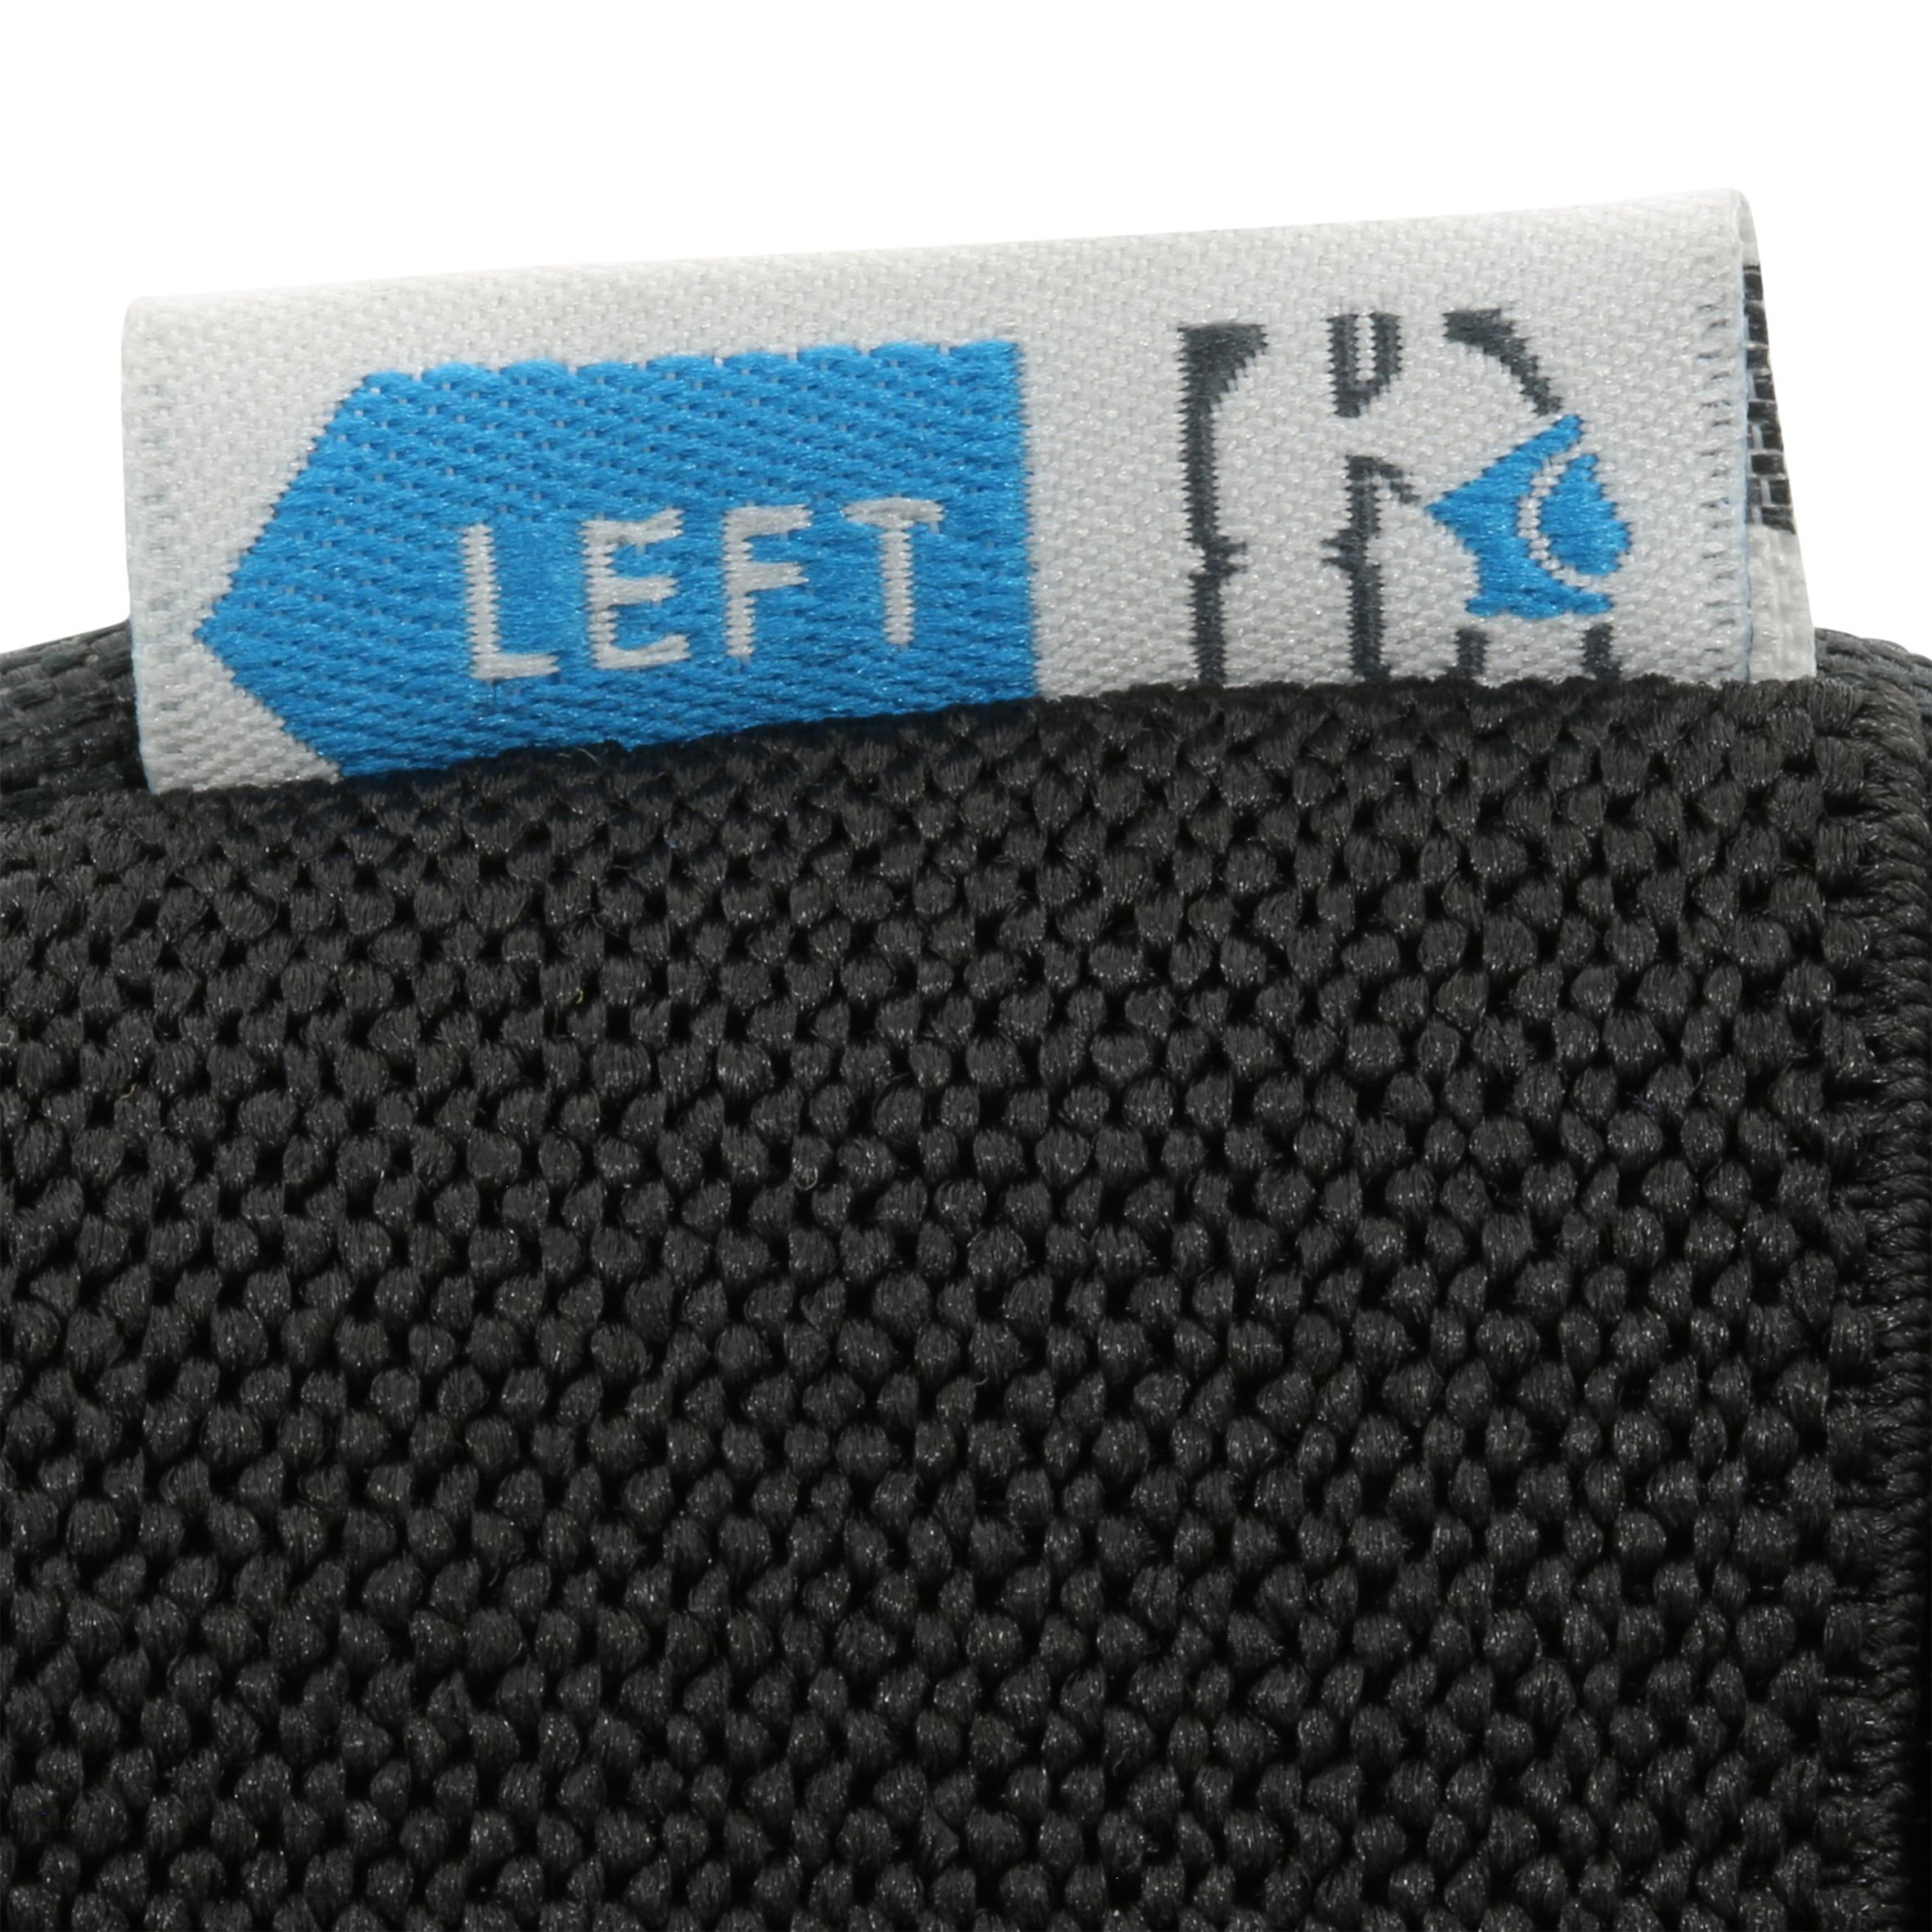 Ens. de 3 protections pour patin, skateboard trottinette adulte FIT 5 noir bleu